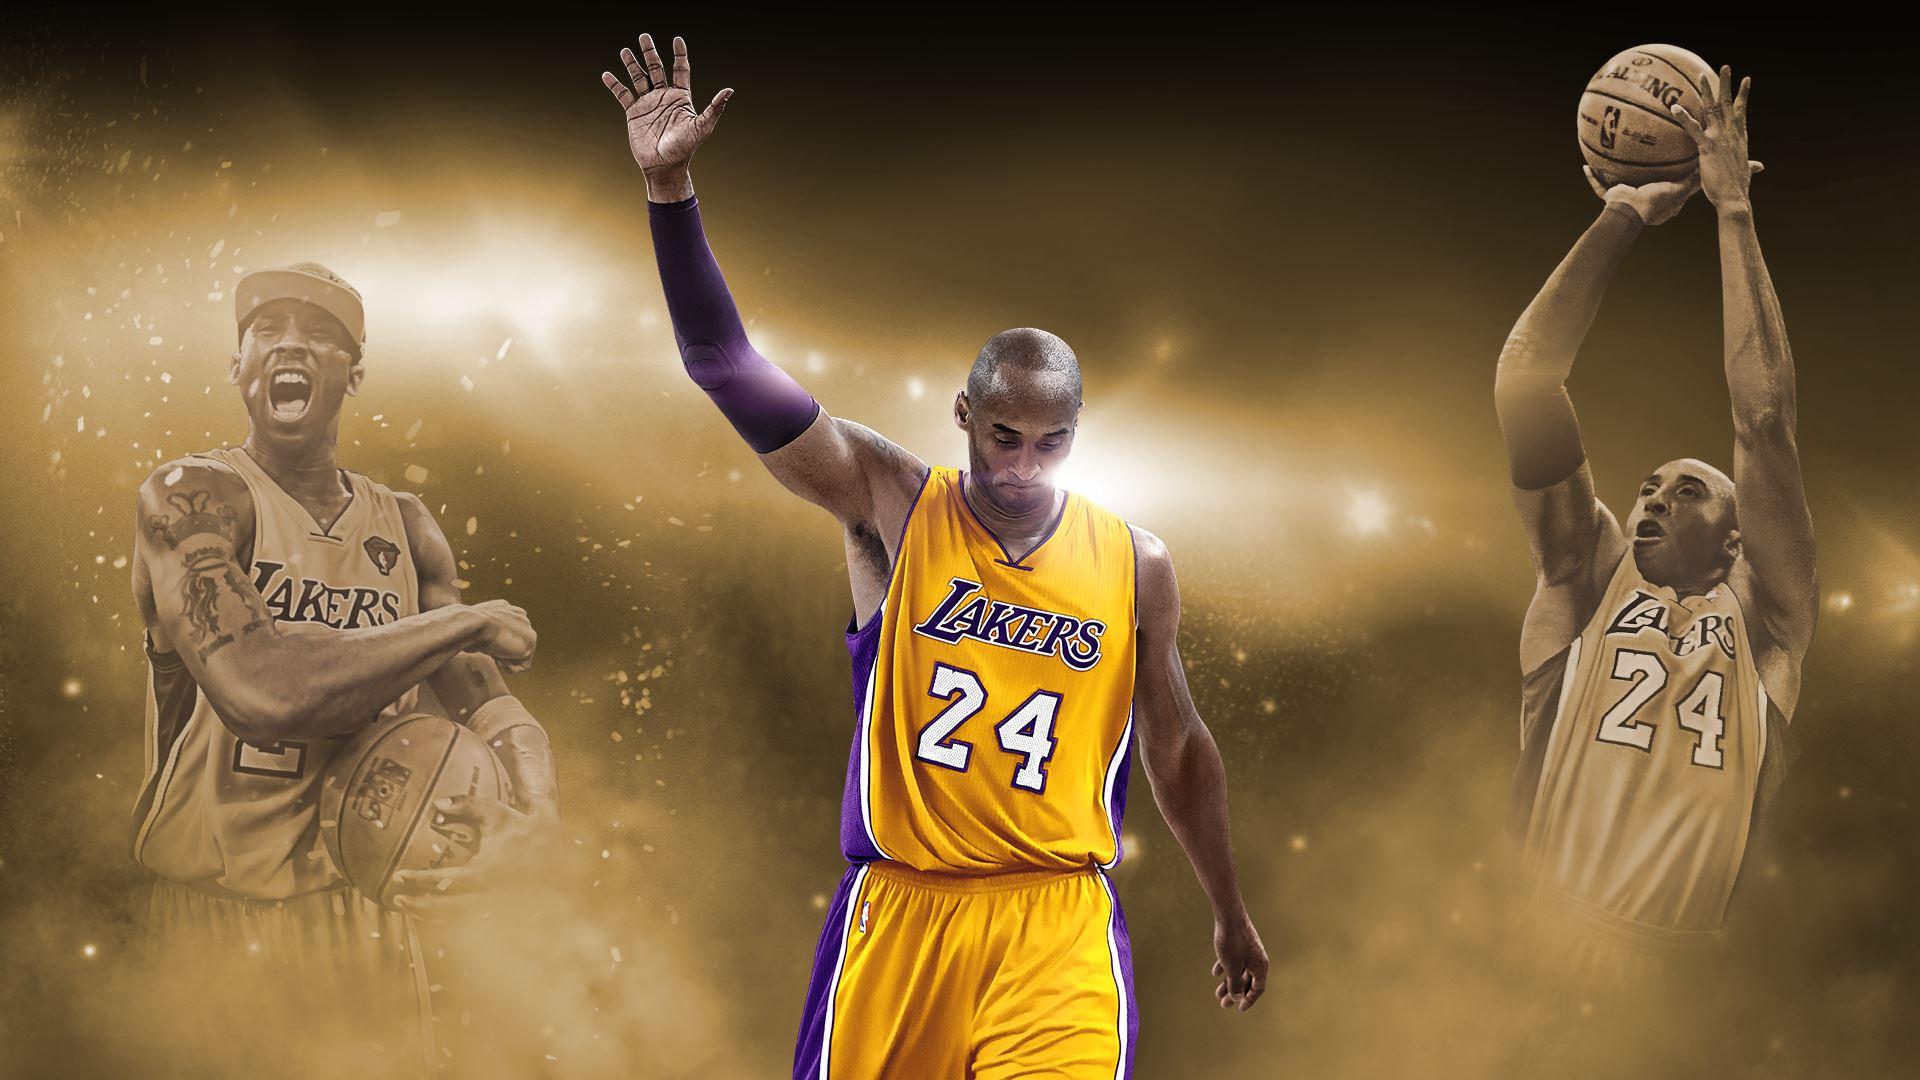 timeless design 6f243 5da2c Au même titre que FIFA en football, NBA 2K est la référence en terme de  simulation de basket-ball. Cette année encore, Take Two nous envoie du  lourd !